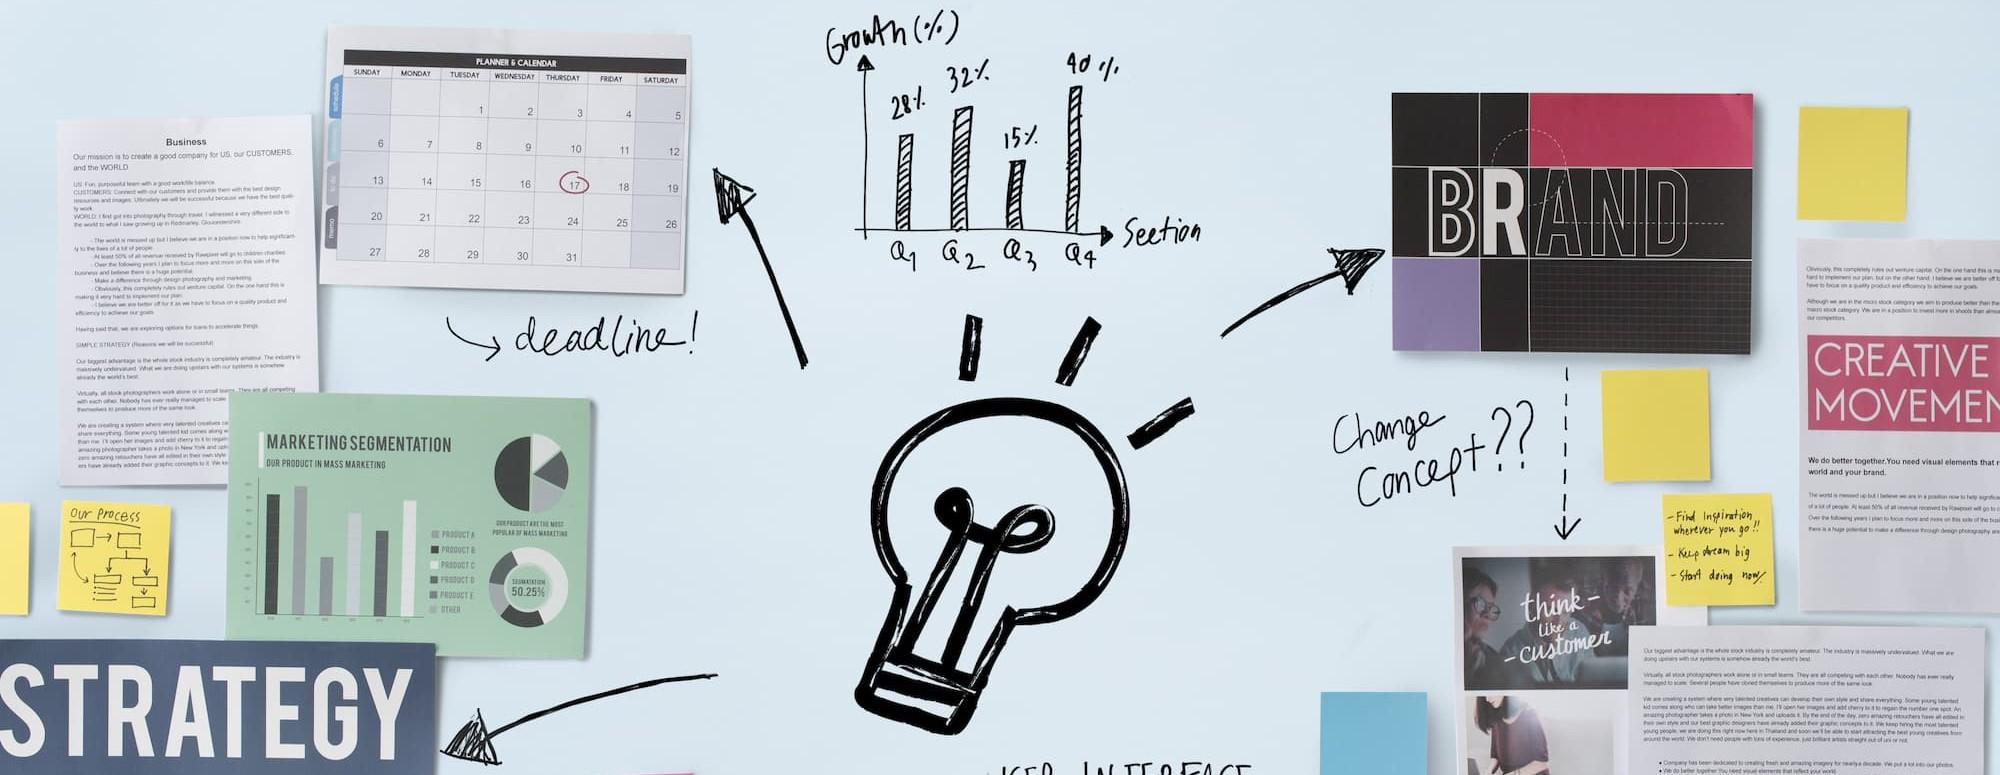 Entwicklung Strategie für Content-Marketing